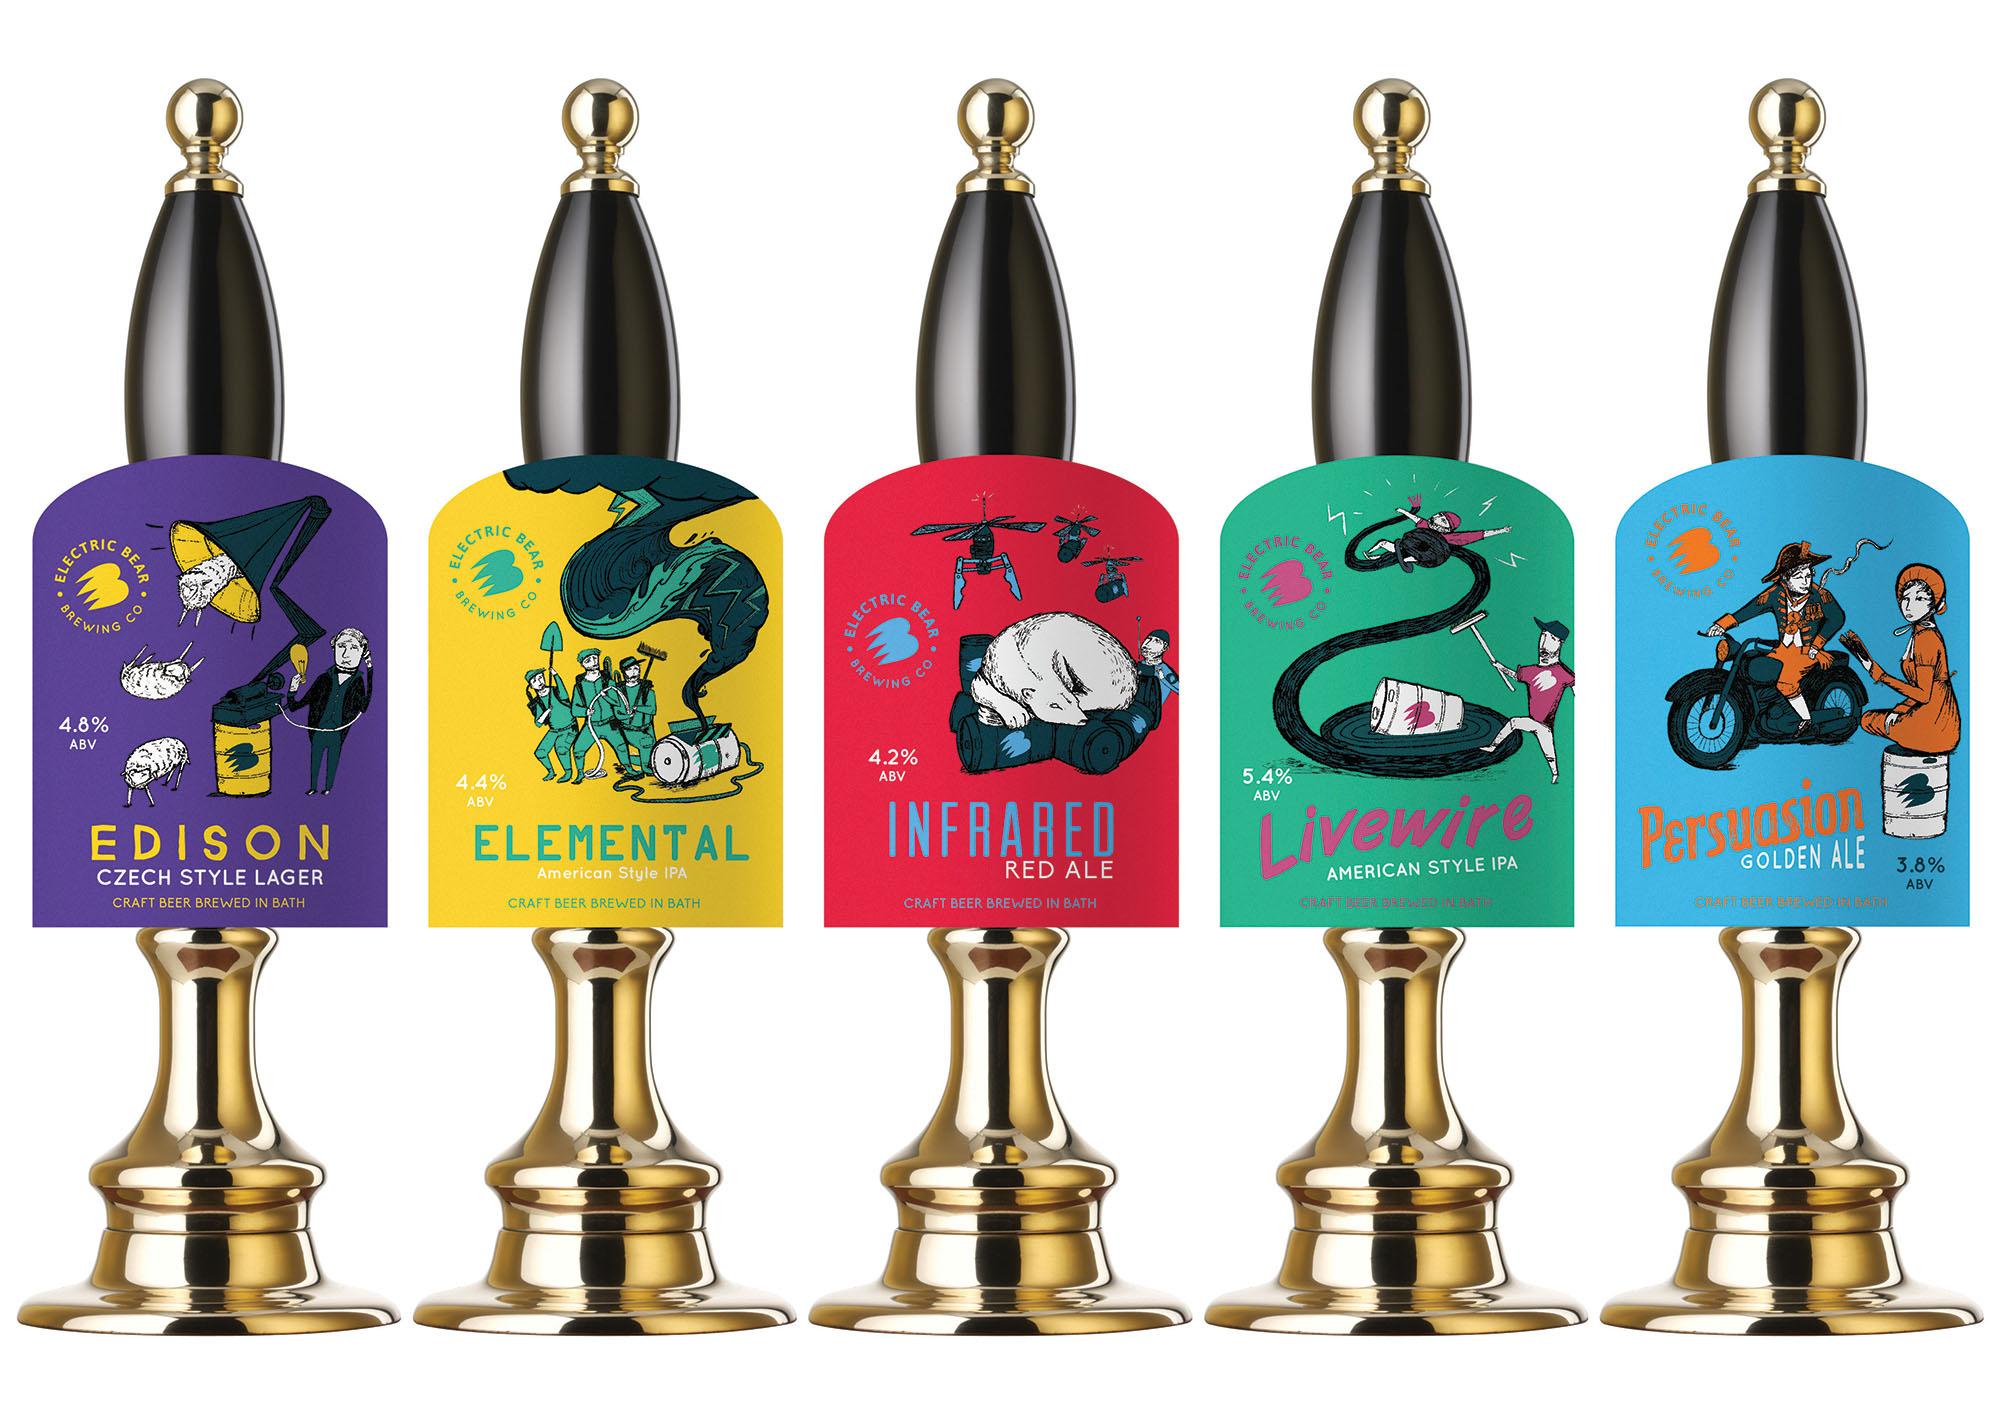 Electric Bear Brewery | Branding in Breweries | Marvellous Digital Agency